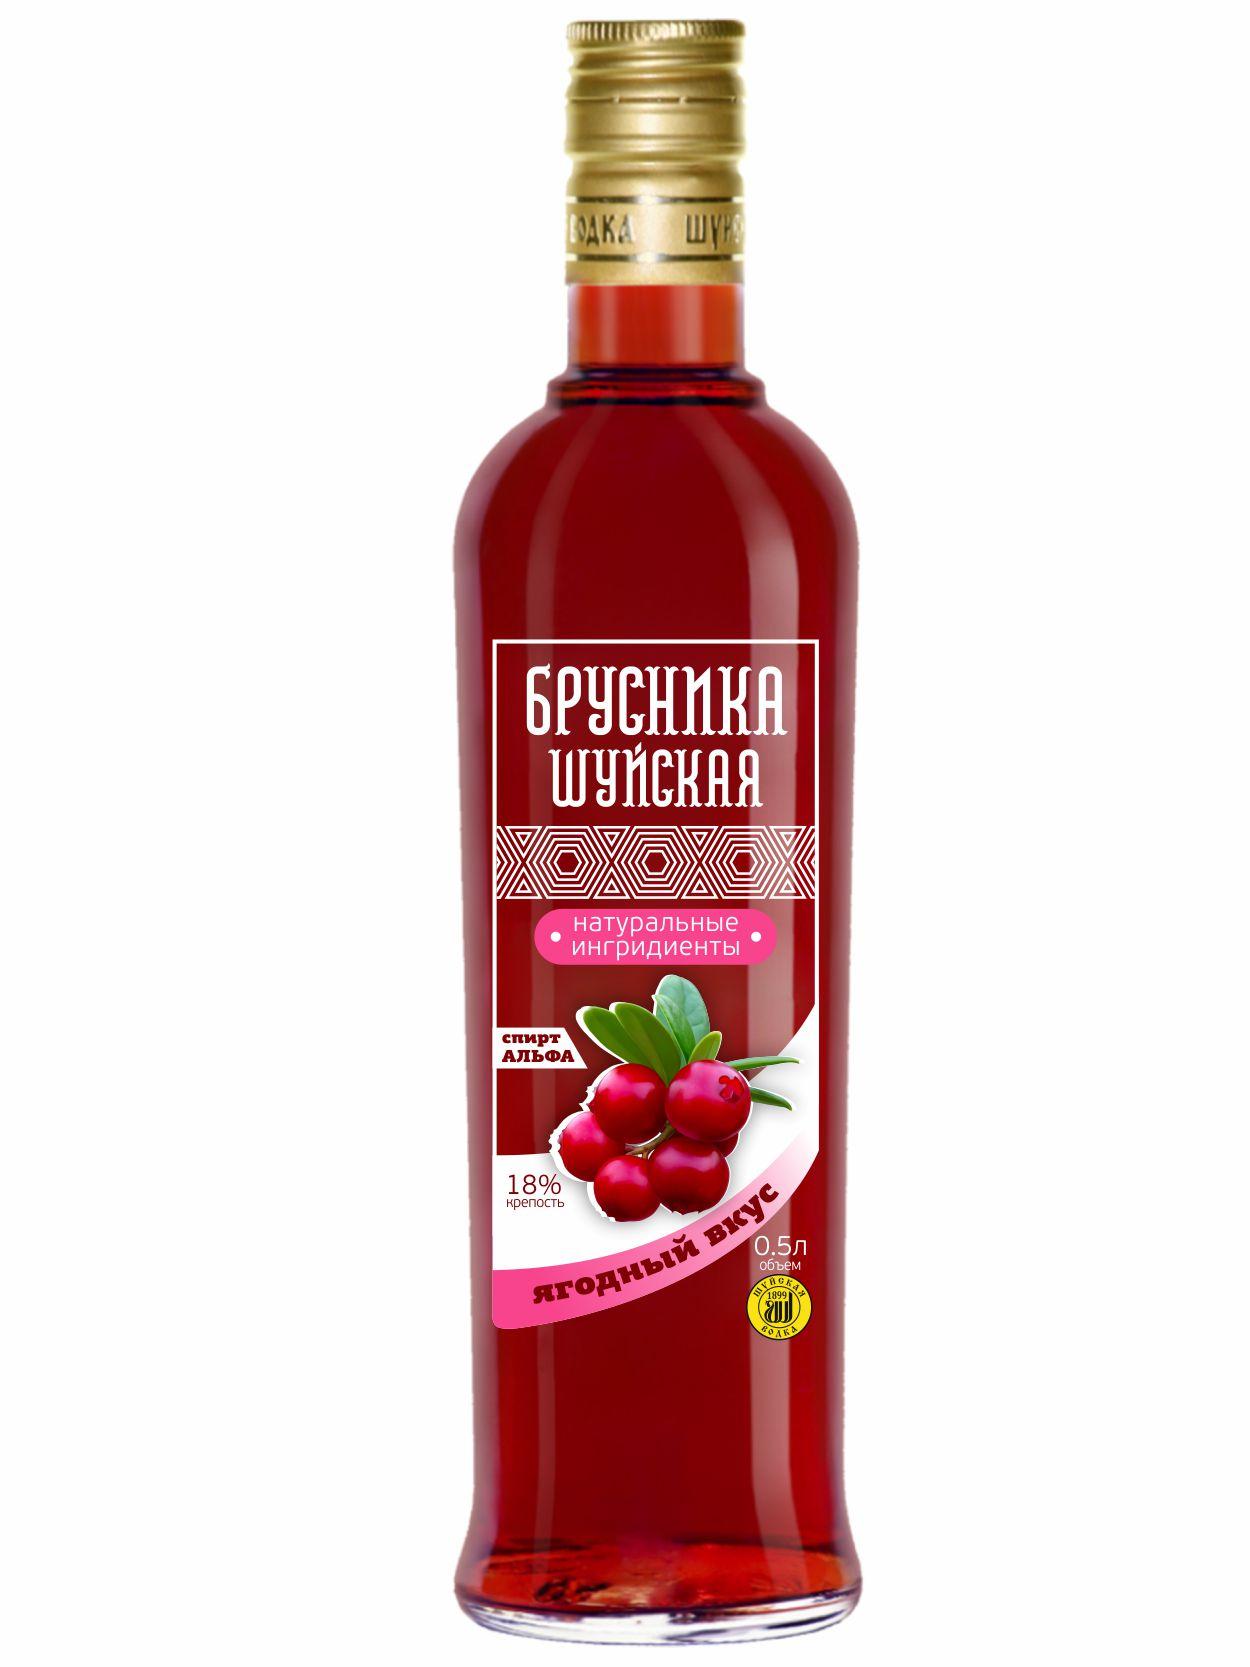 Дизайн этикетки алкогольного продукта (сладкая настойка) фото f_1385f8840677ae7e.jpg